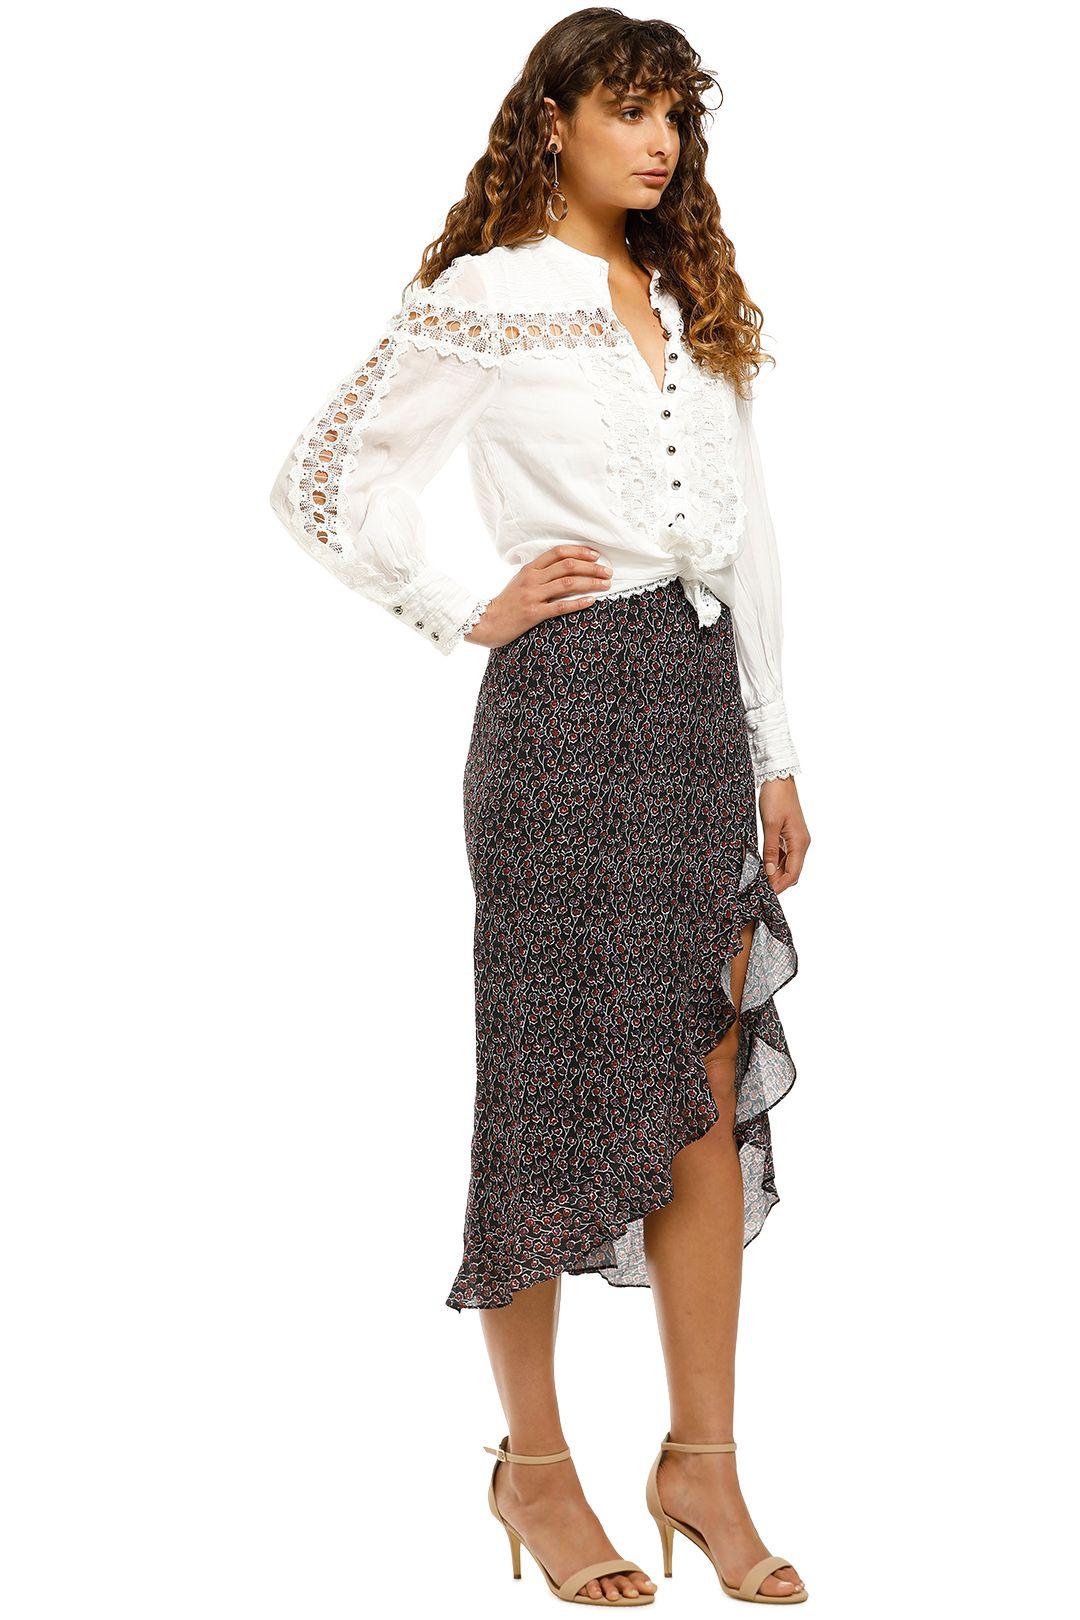 Formation-Skirt-Minuit-Floral-Side